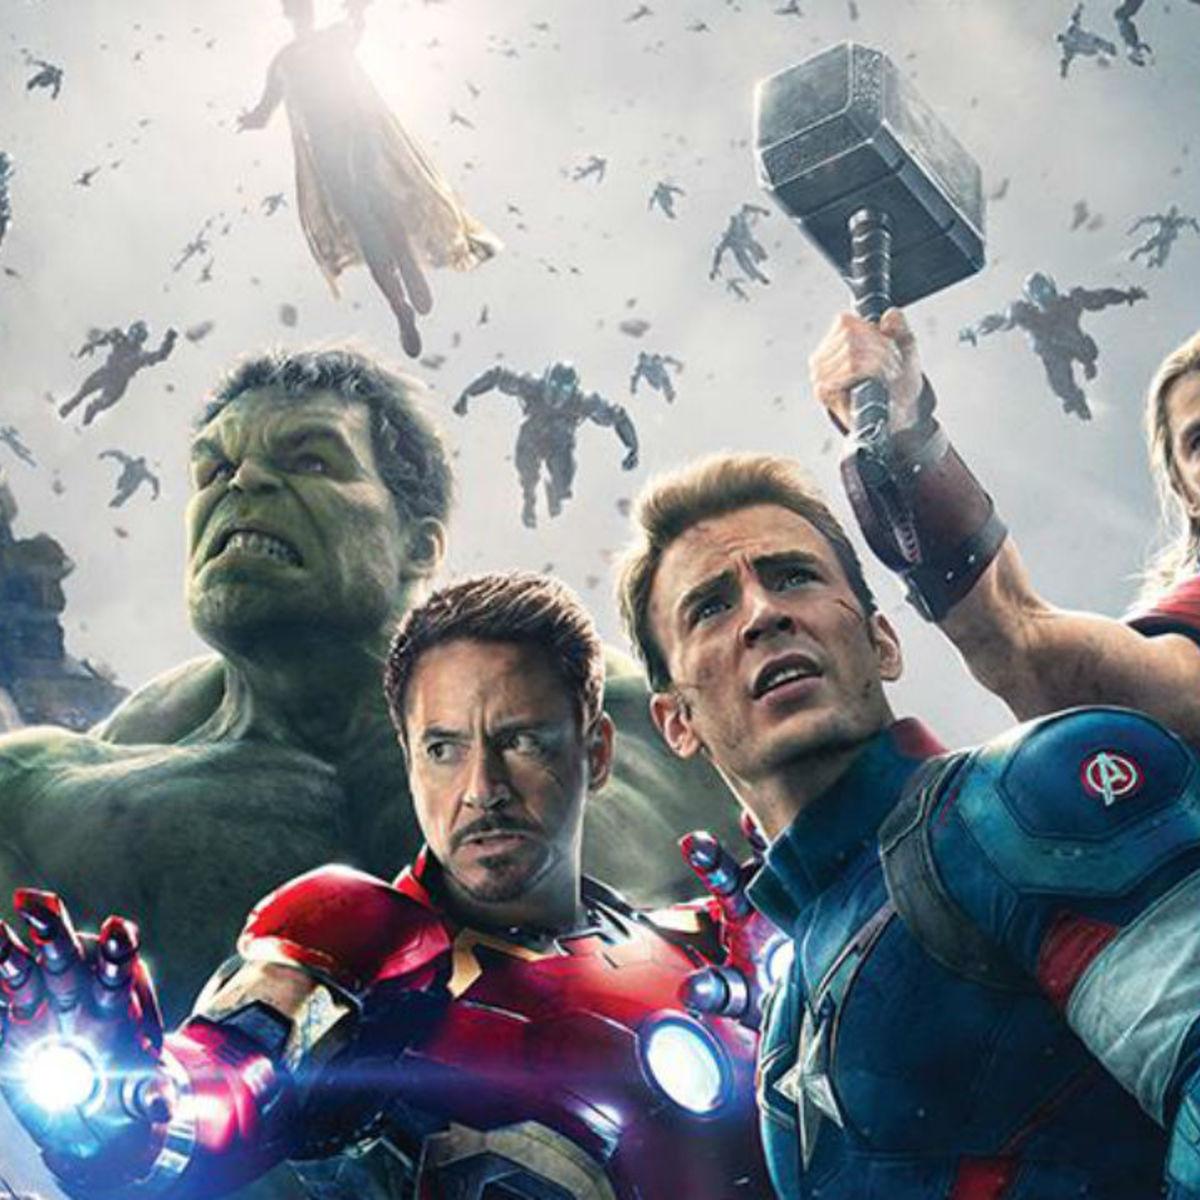 avengers2-poster2-1280jpg-5acfda_1280w.jpg